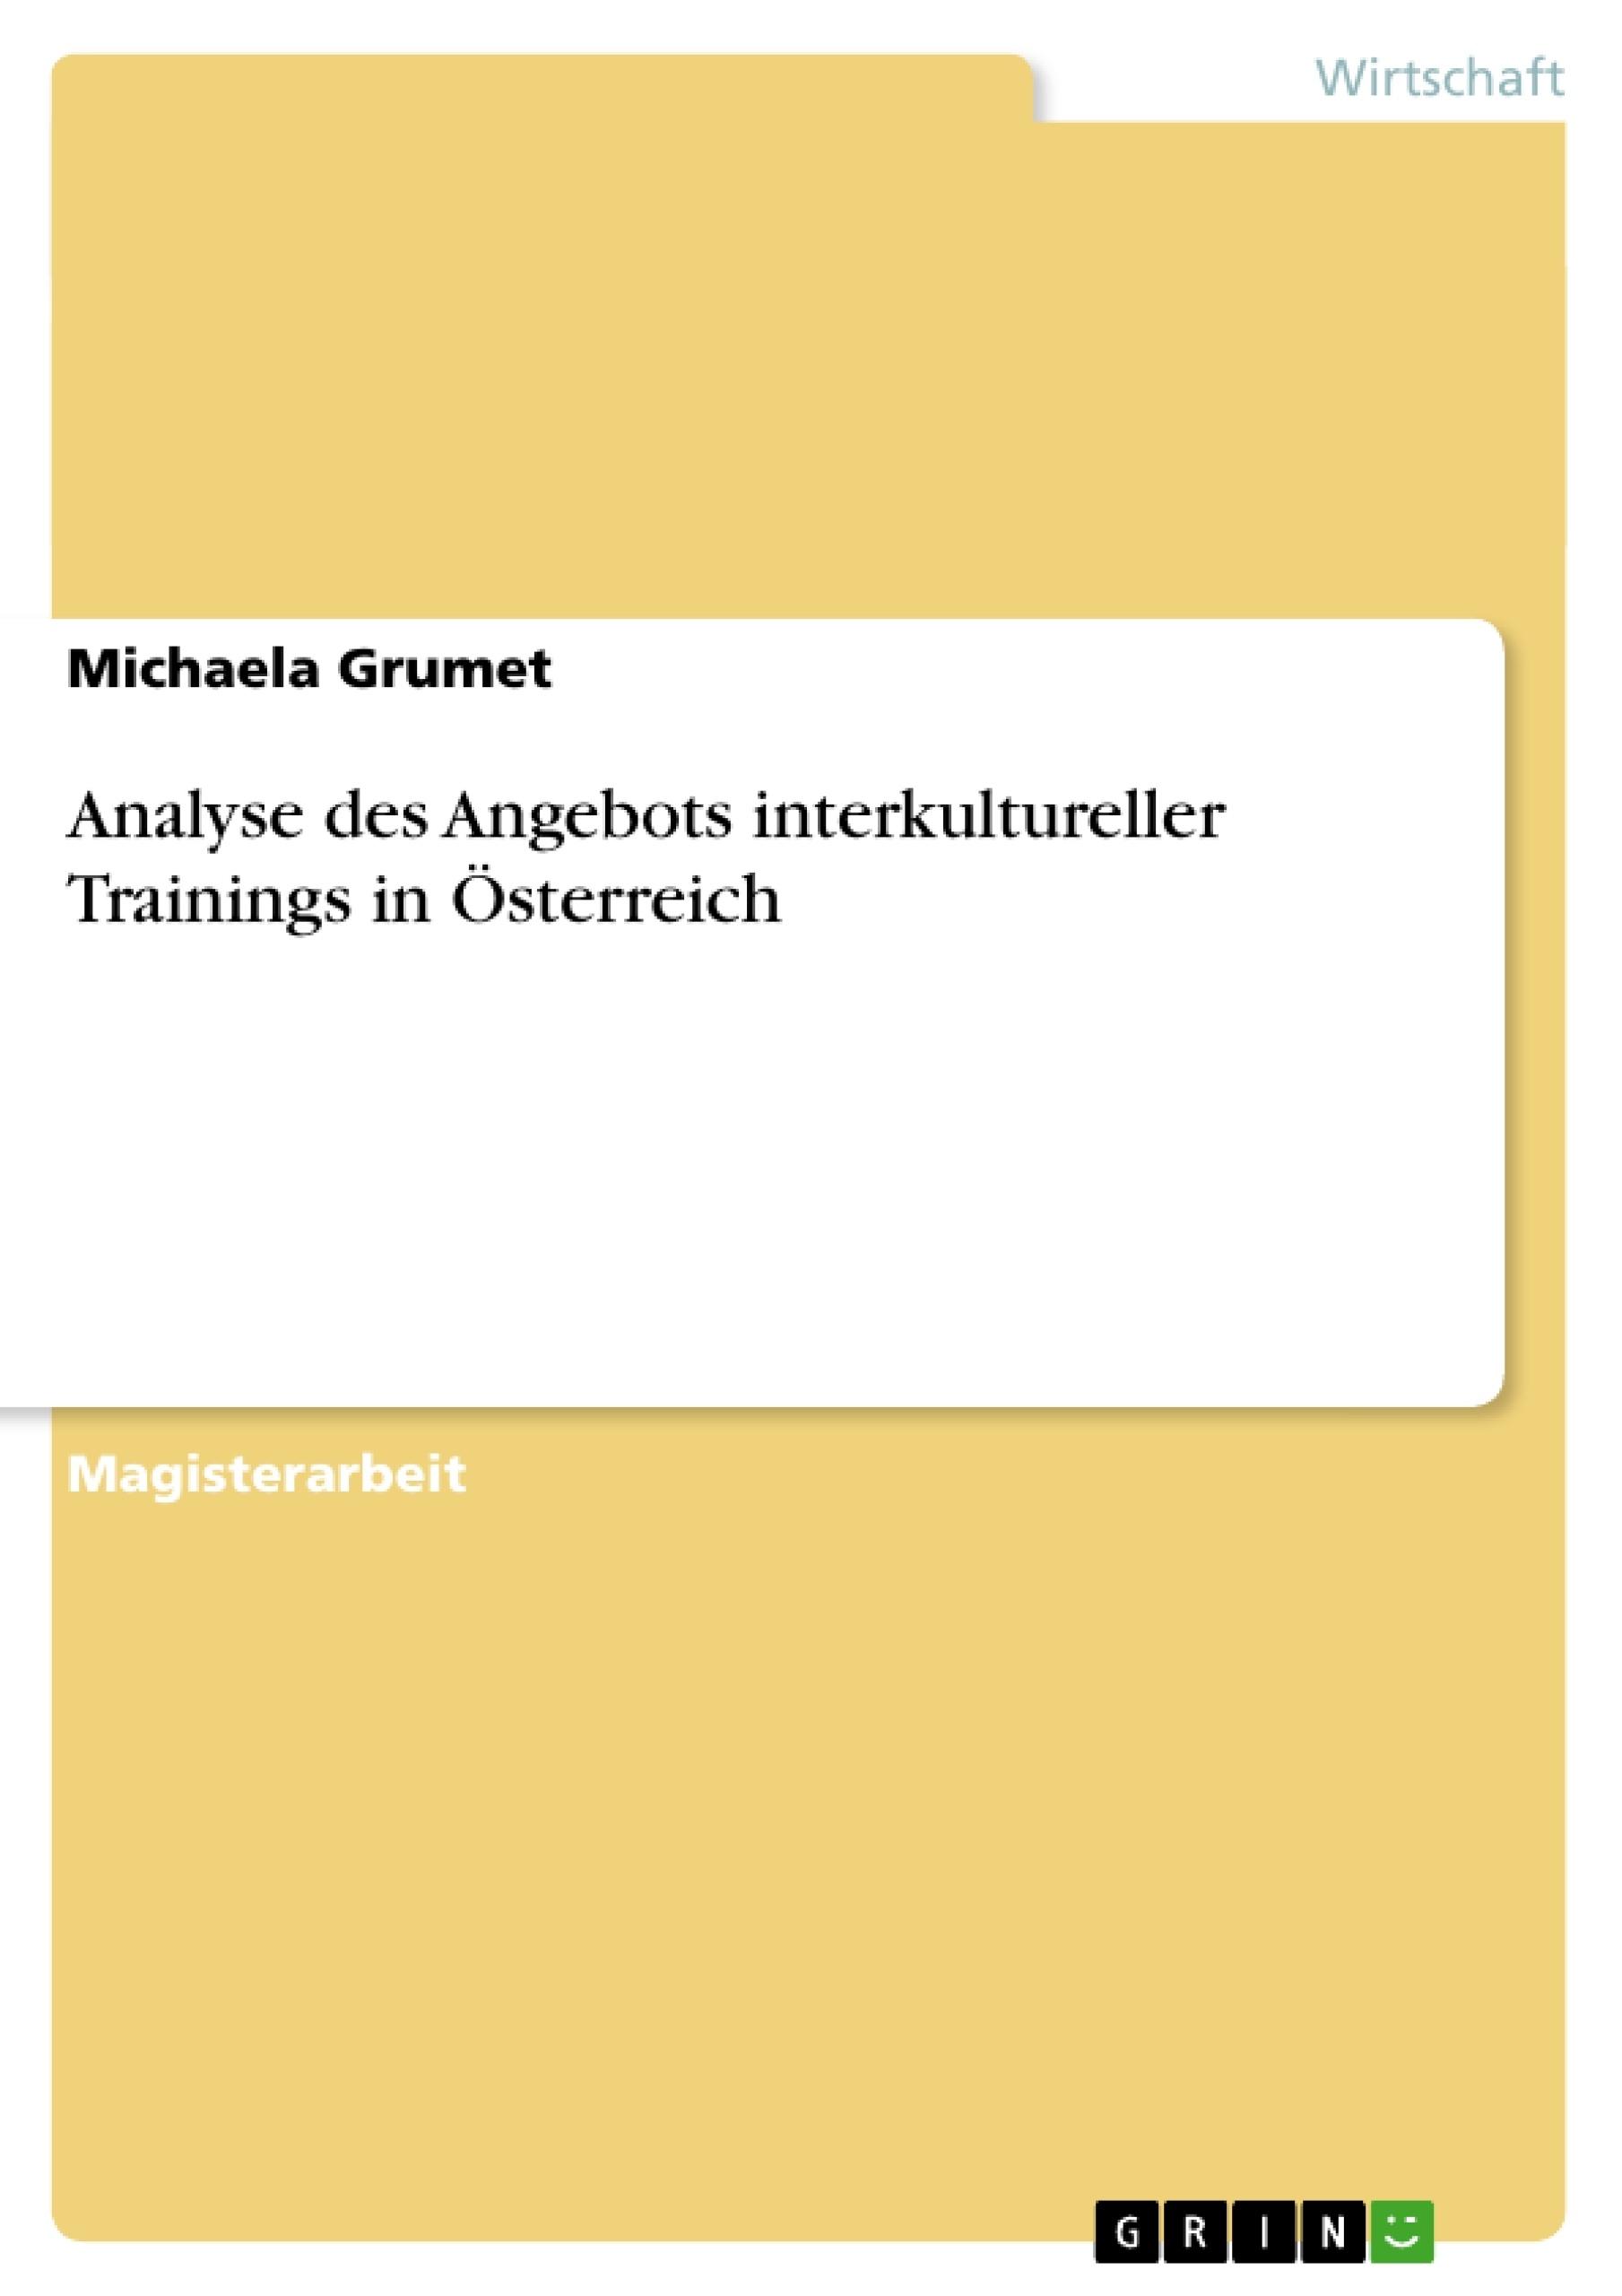 Titel: Analyse des Angebots interkultureller Trainings in Österreich